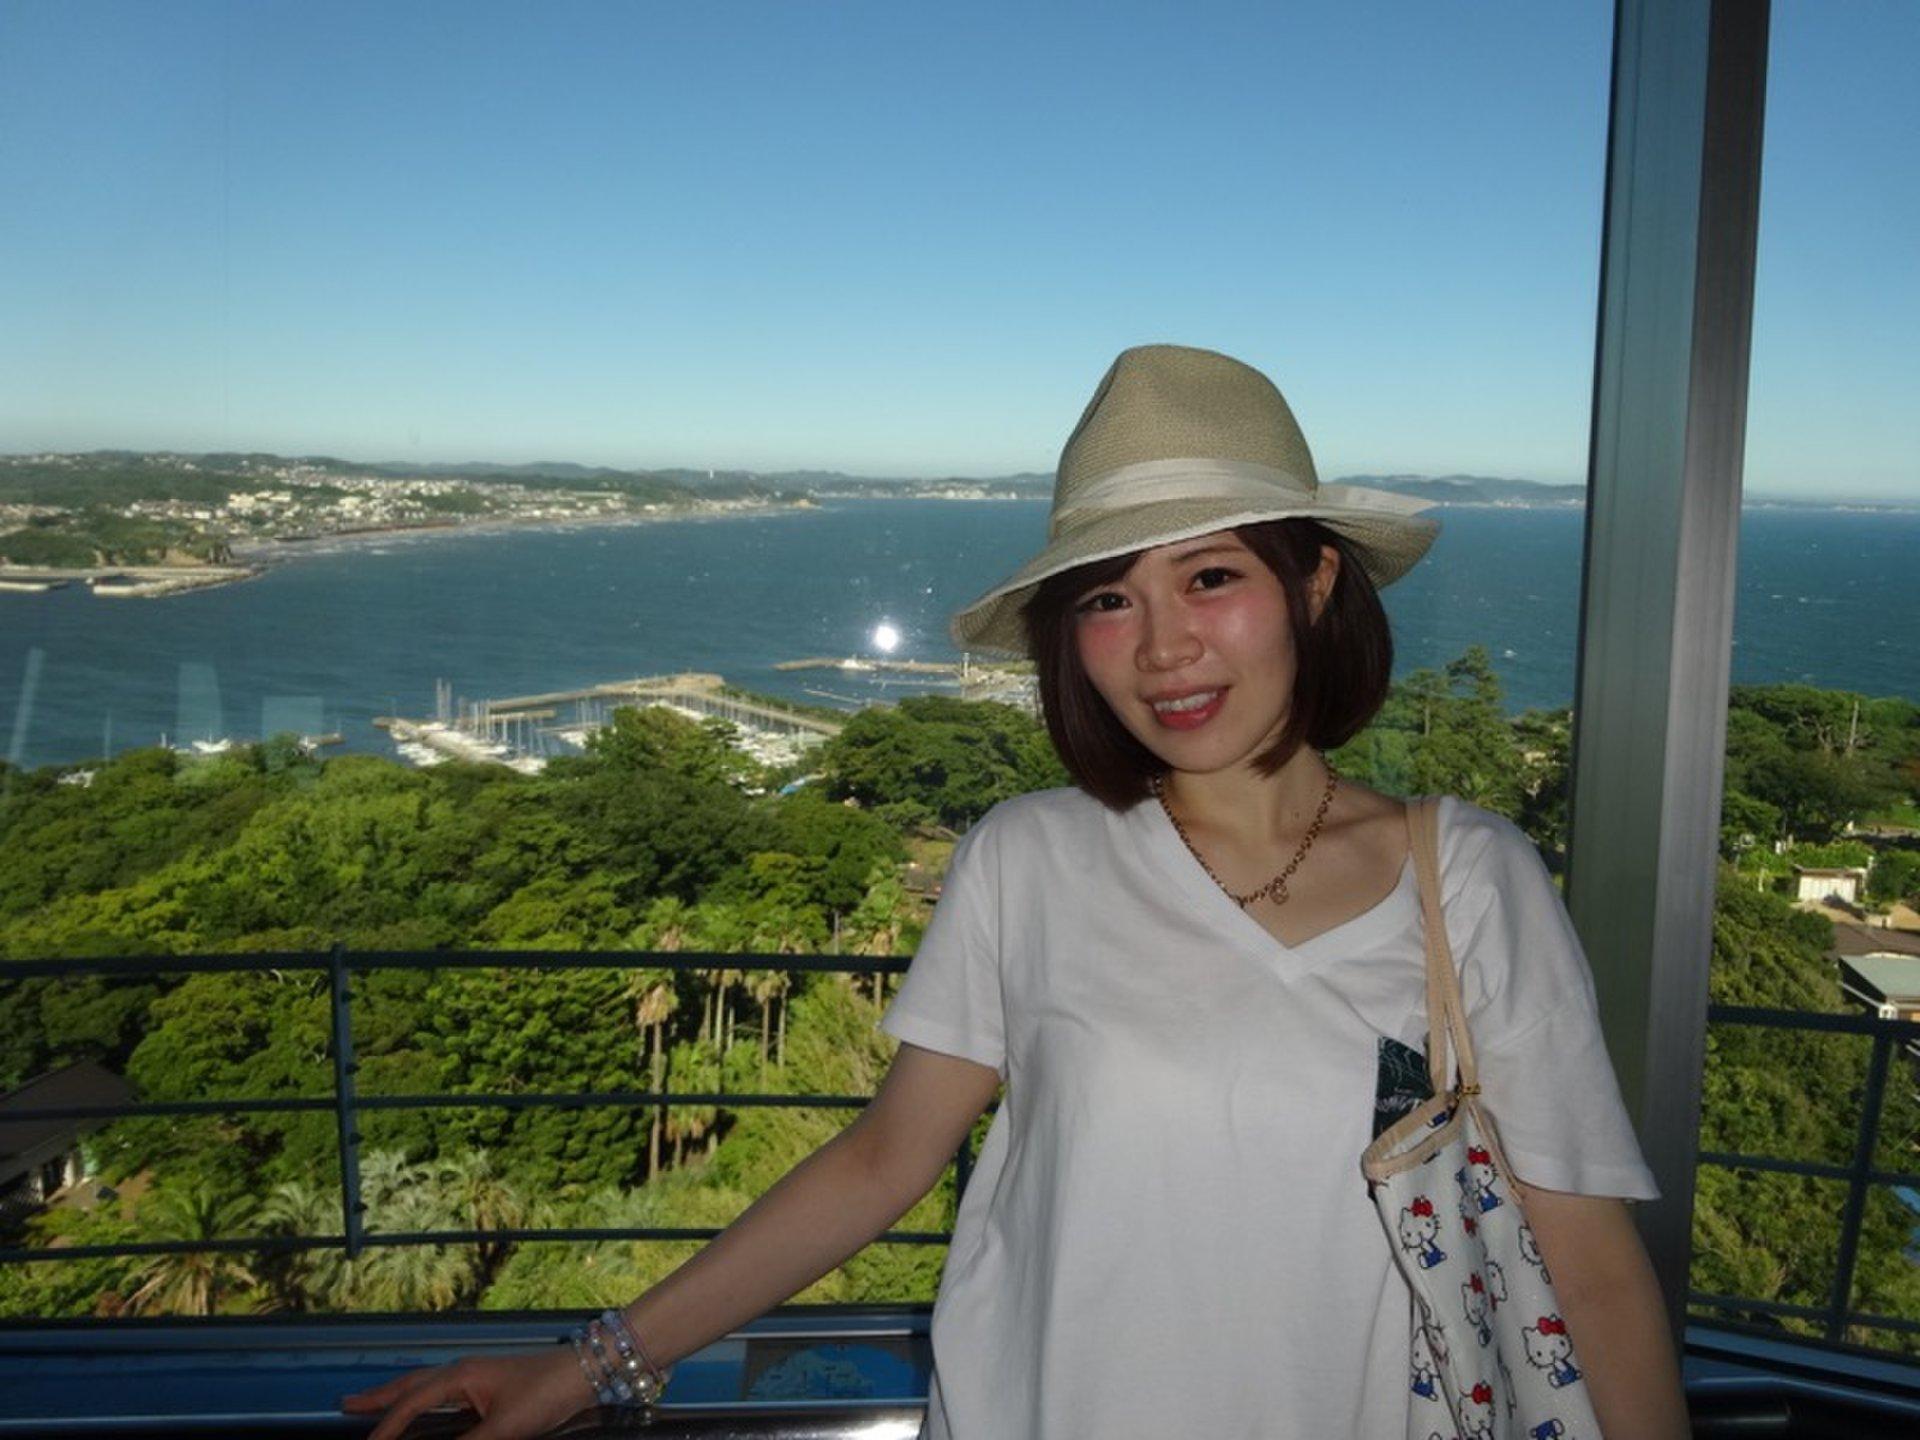 【江ノ島半日お気軽コース・生しらすを食べよう】江ノ島の空いているランチ